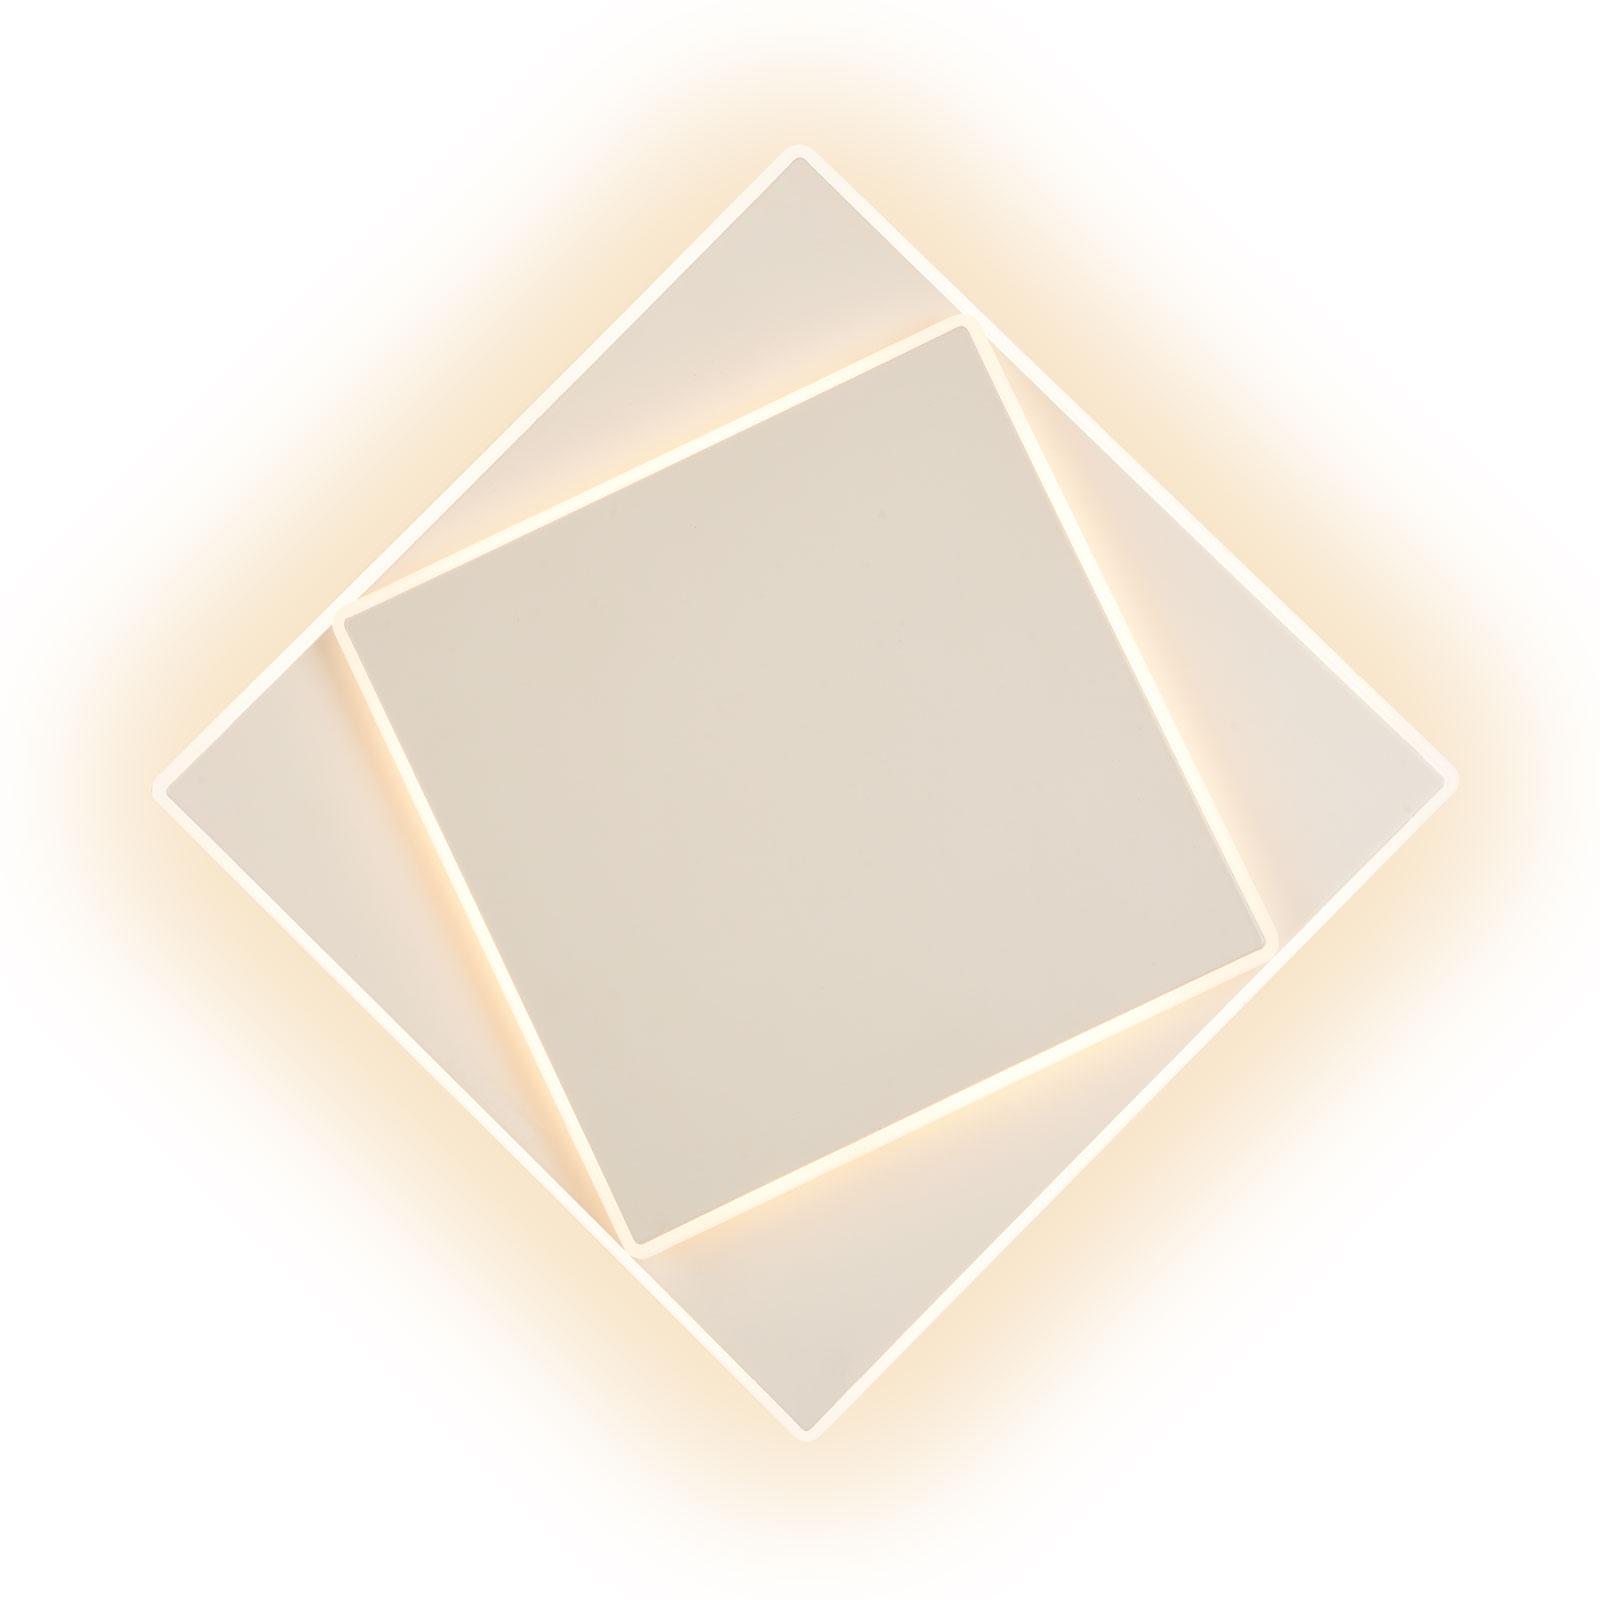 LED-Wandleuchte Dakla, weiß, 28x28 cm